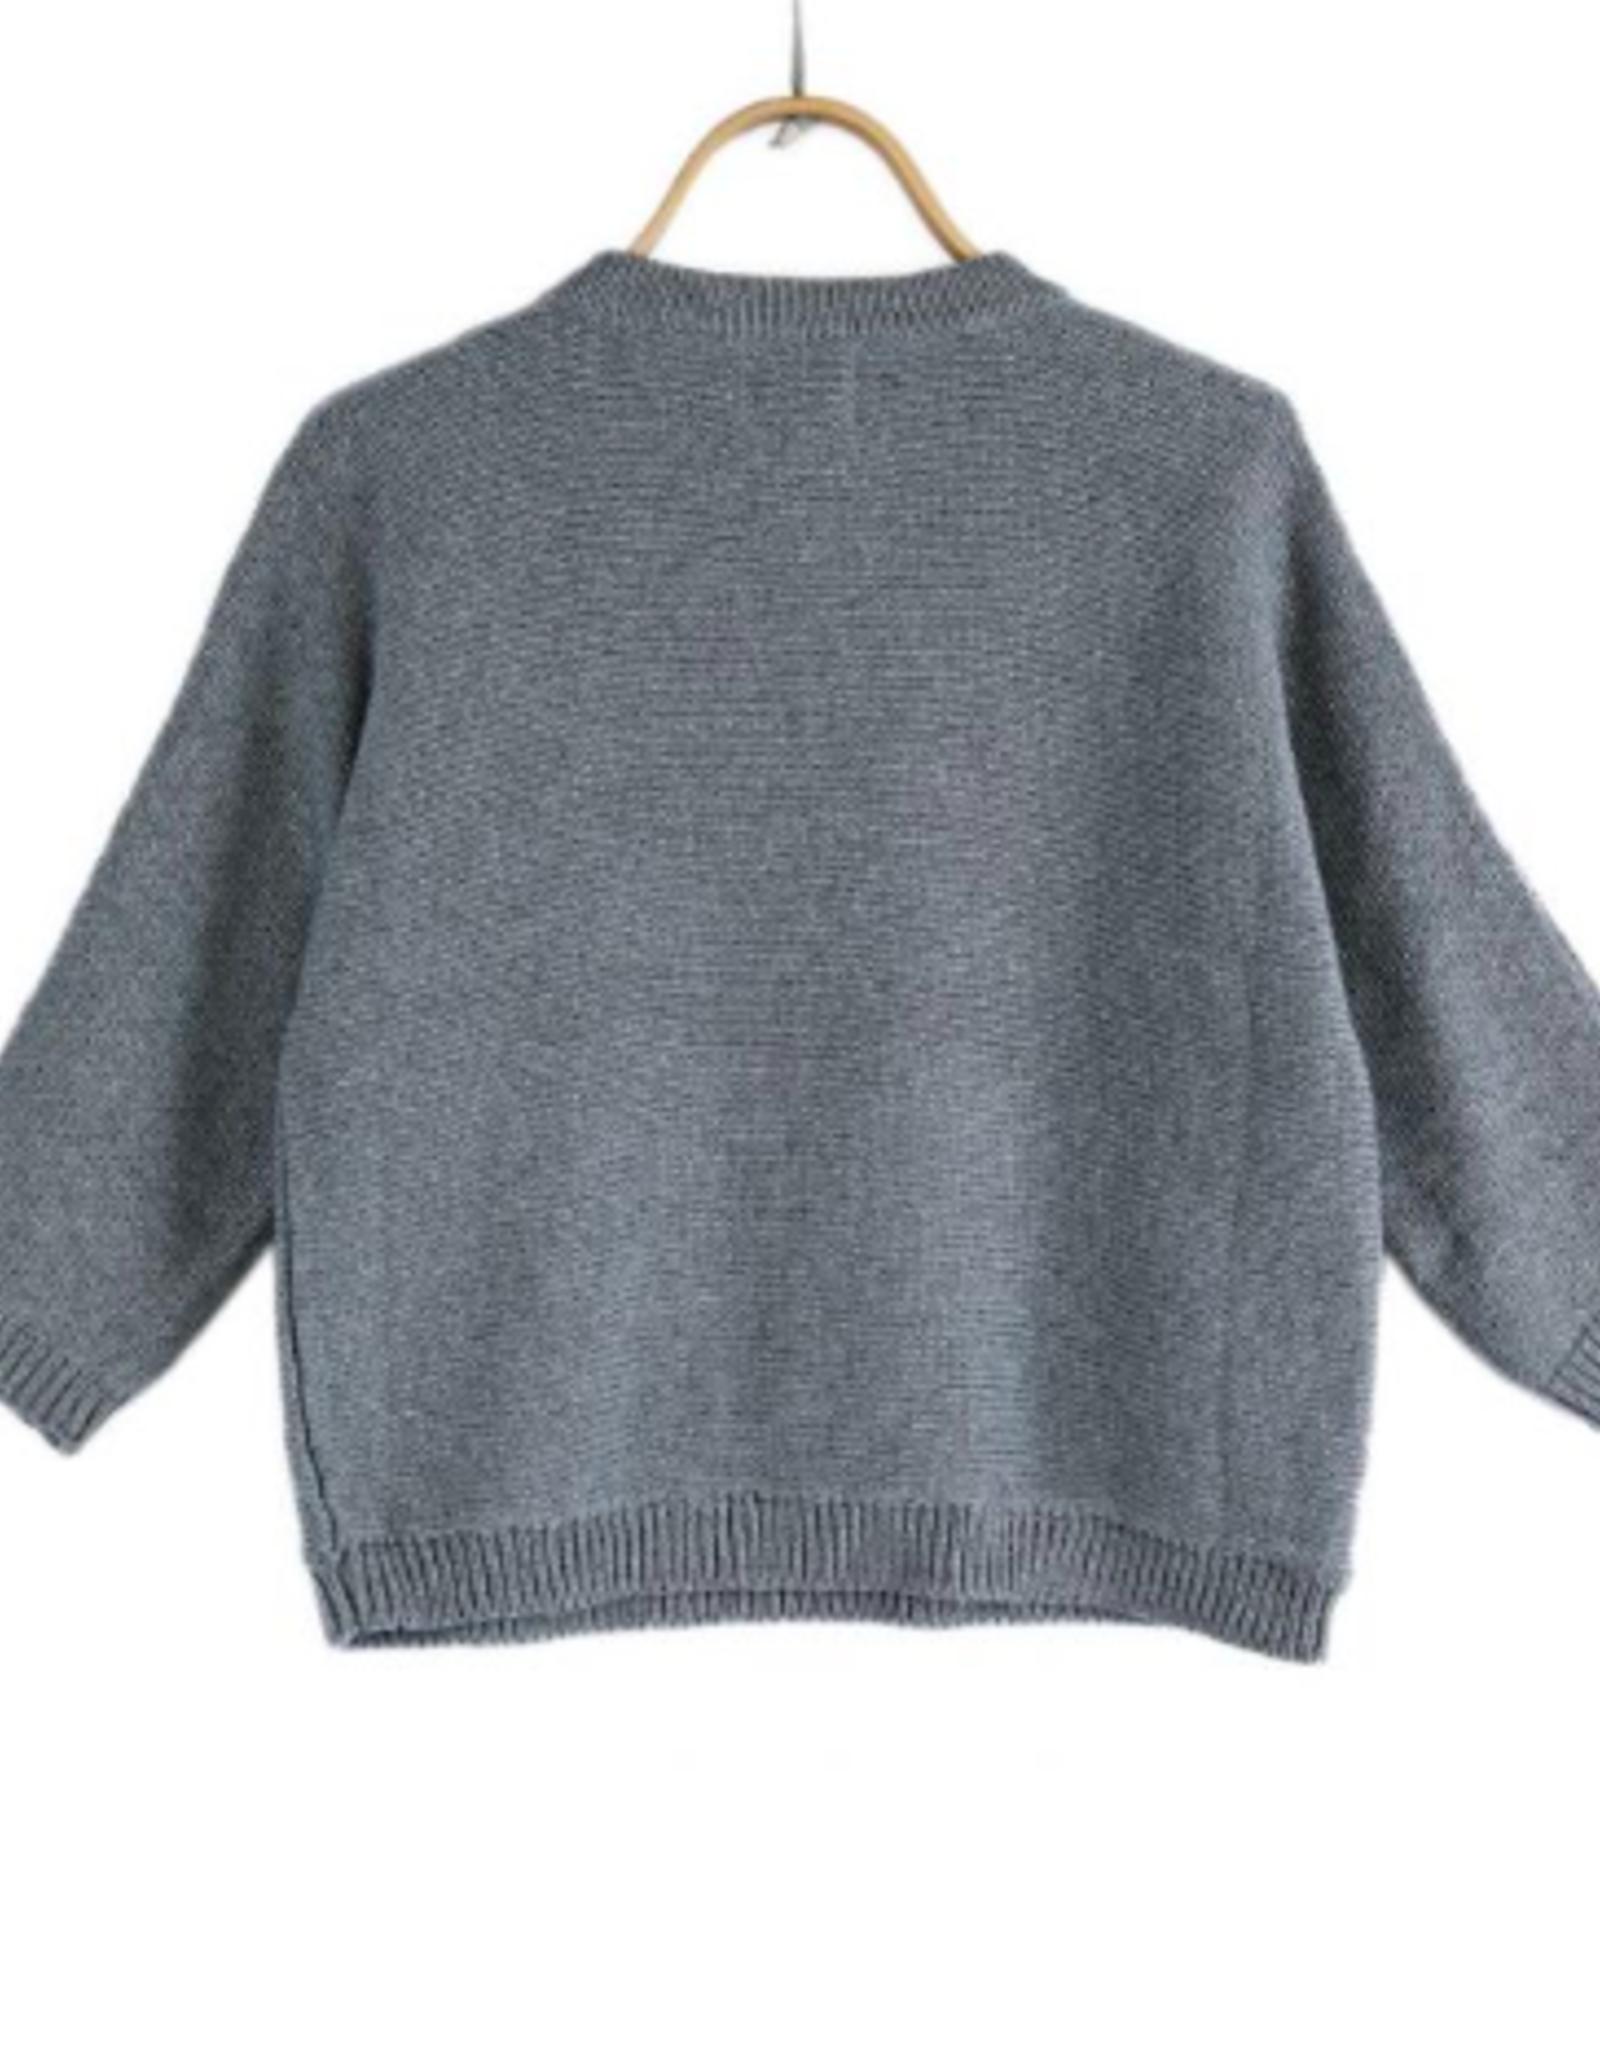 Jem sweater